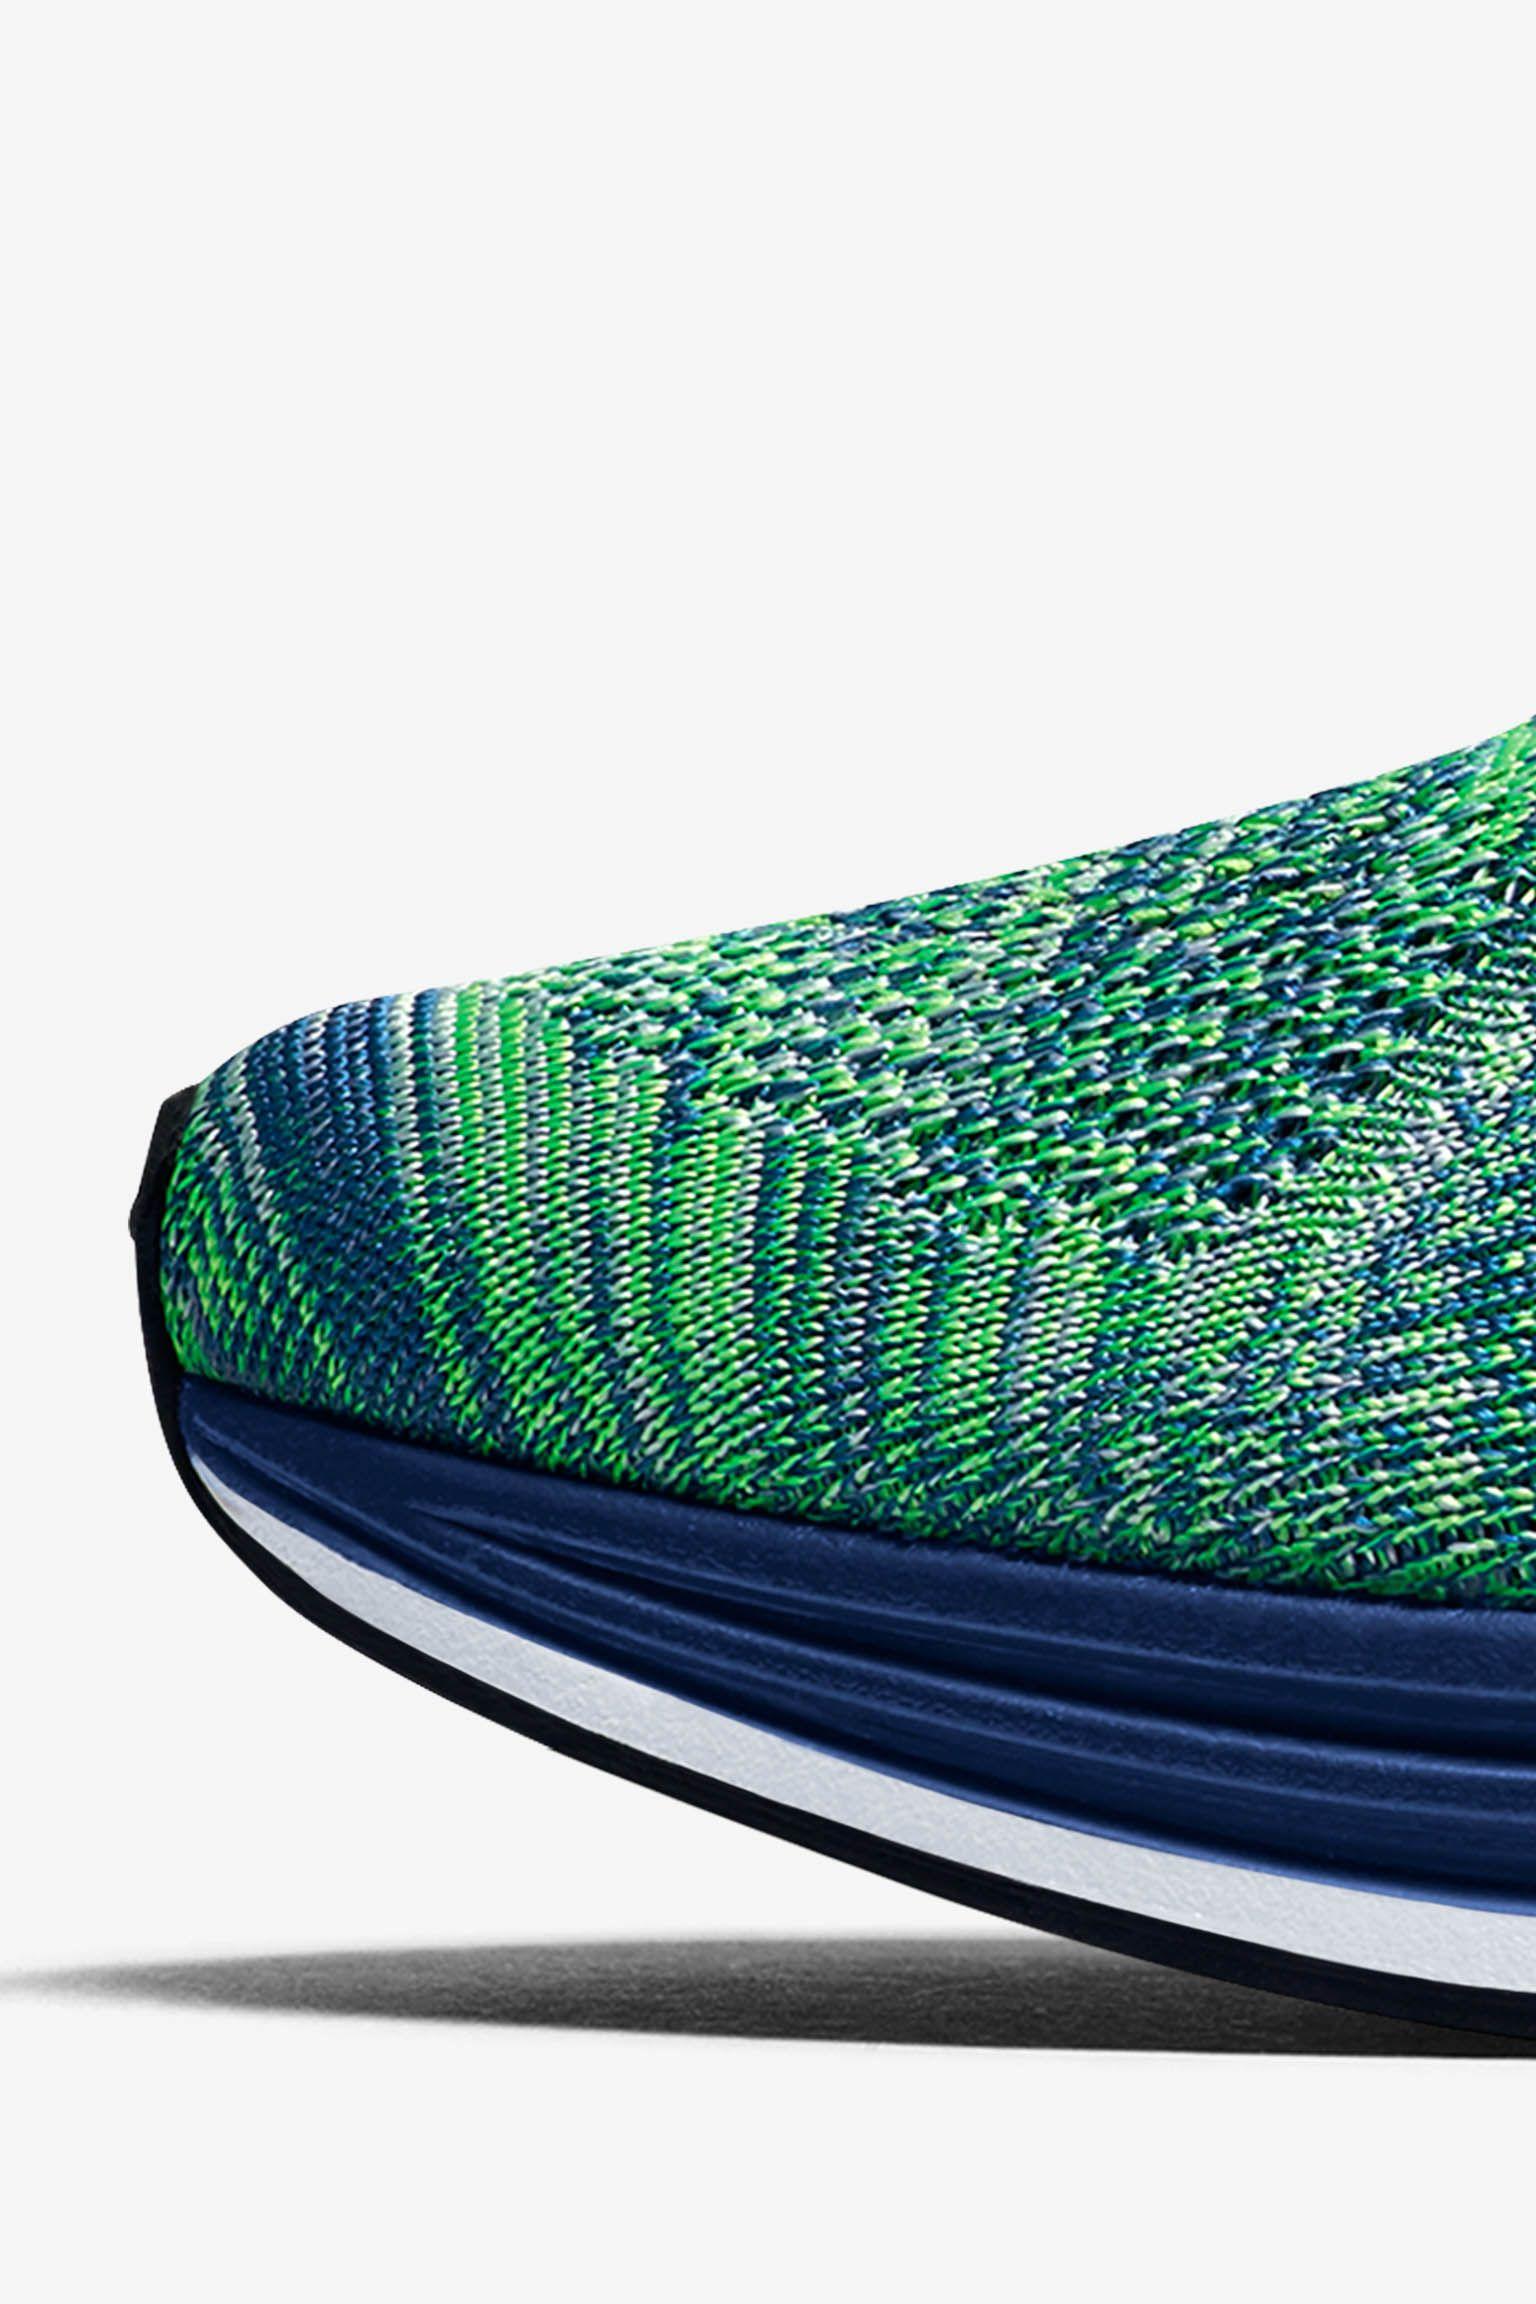 Nike Flyknit Racer 'Tranquil' Release Date